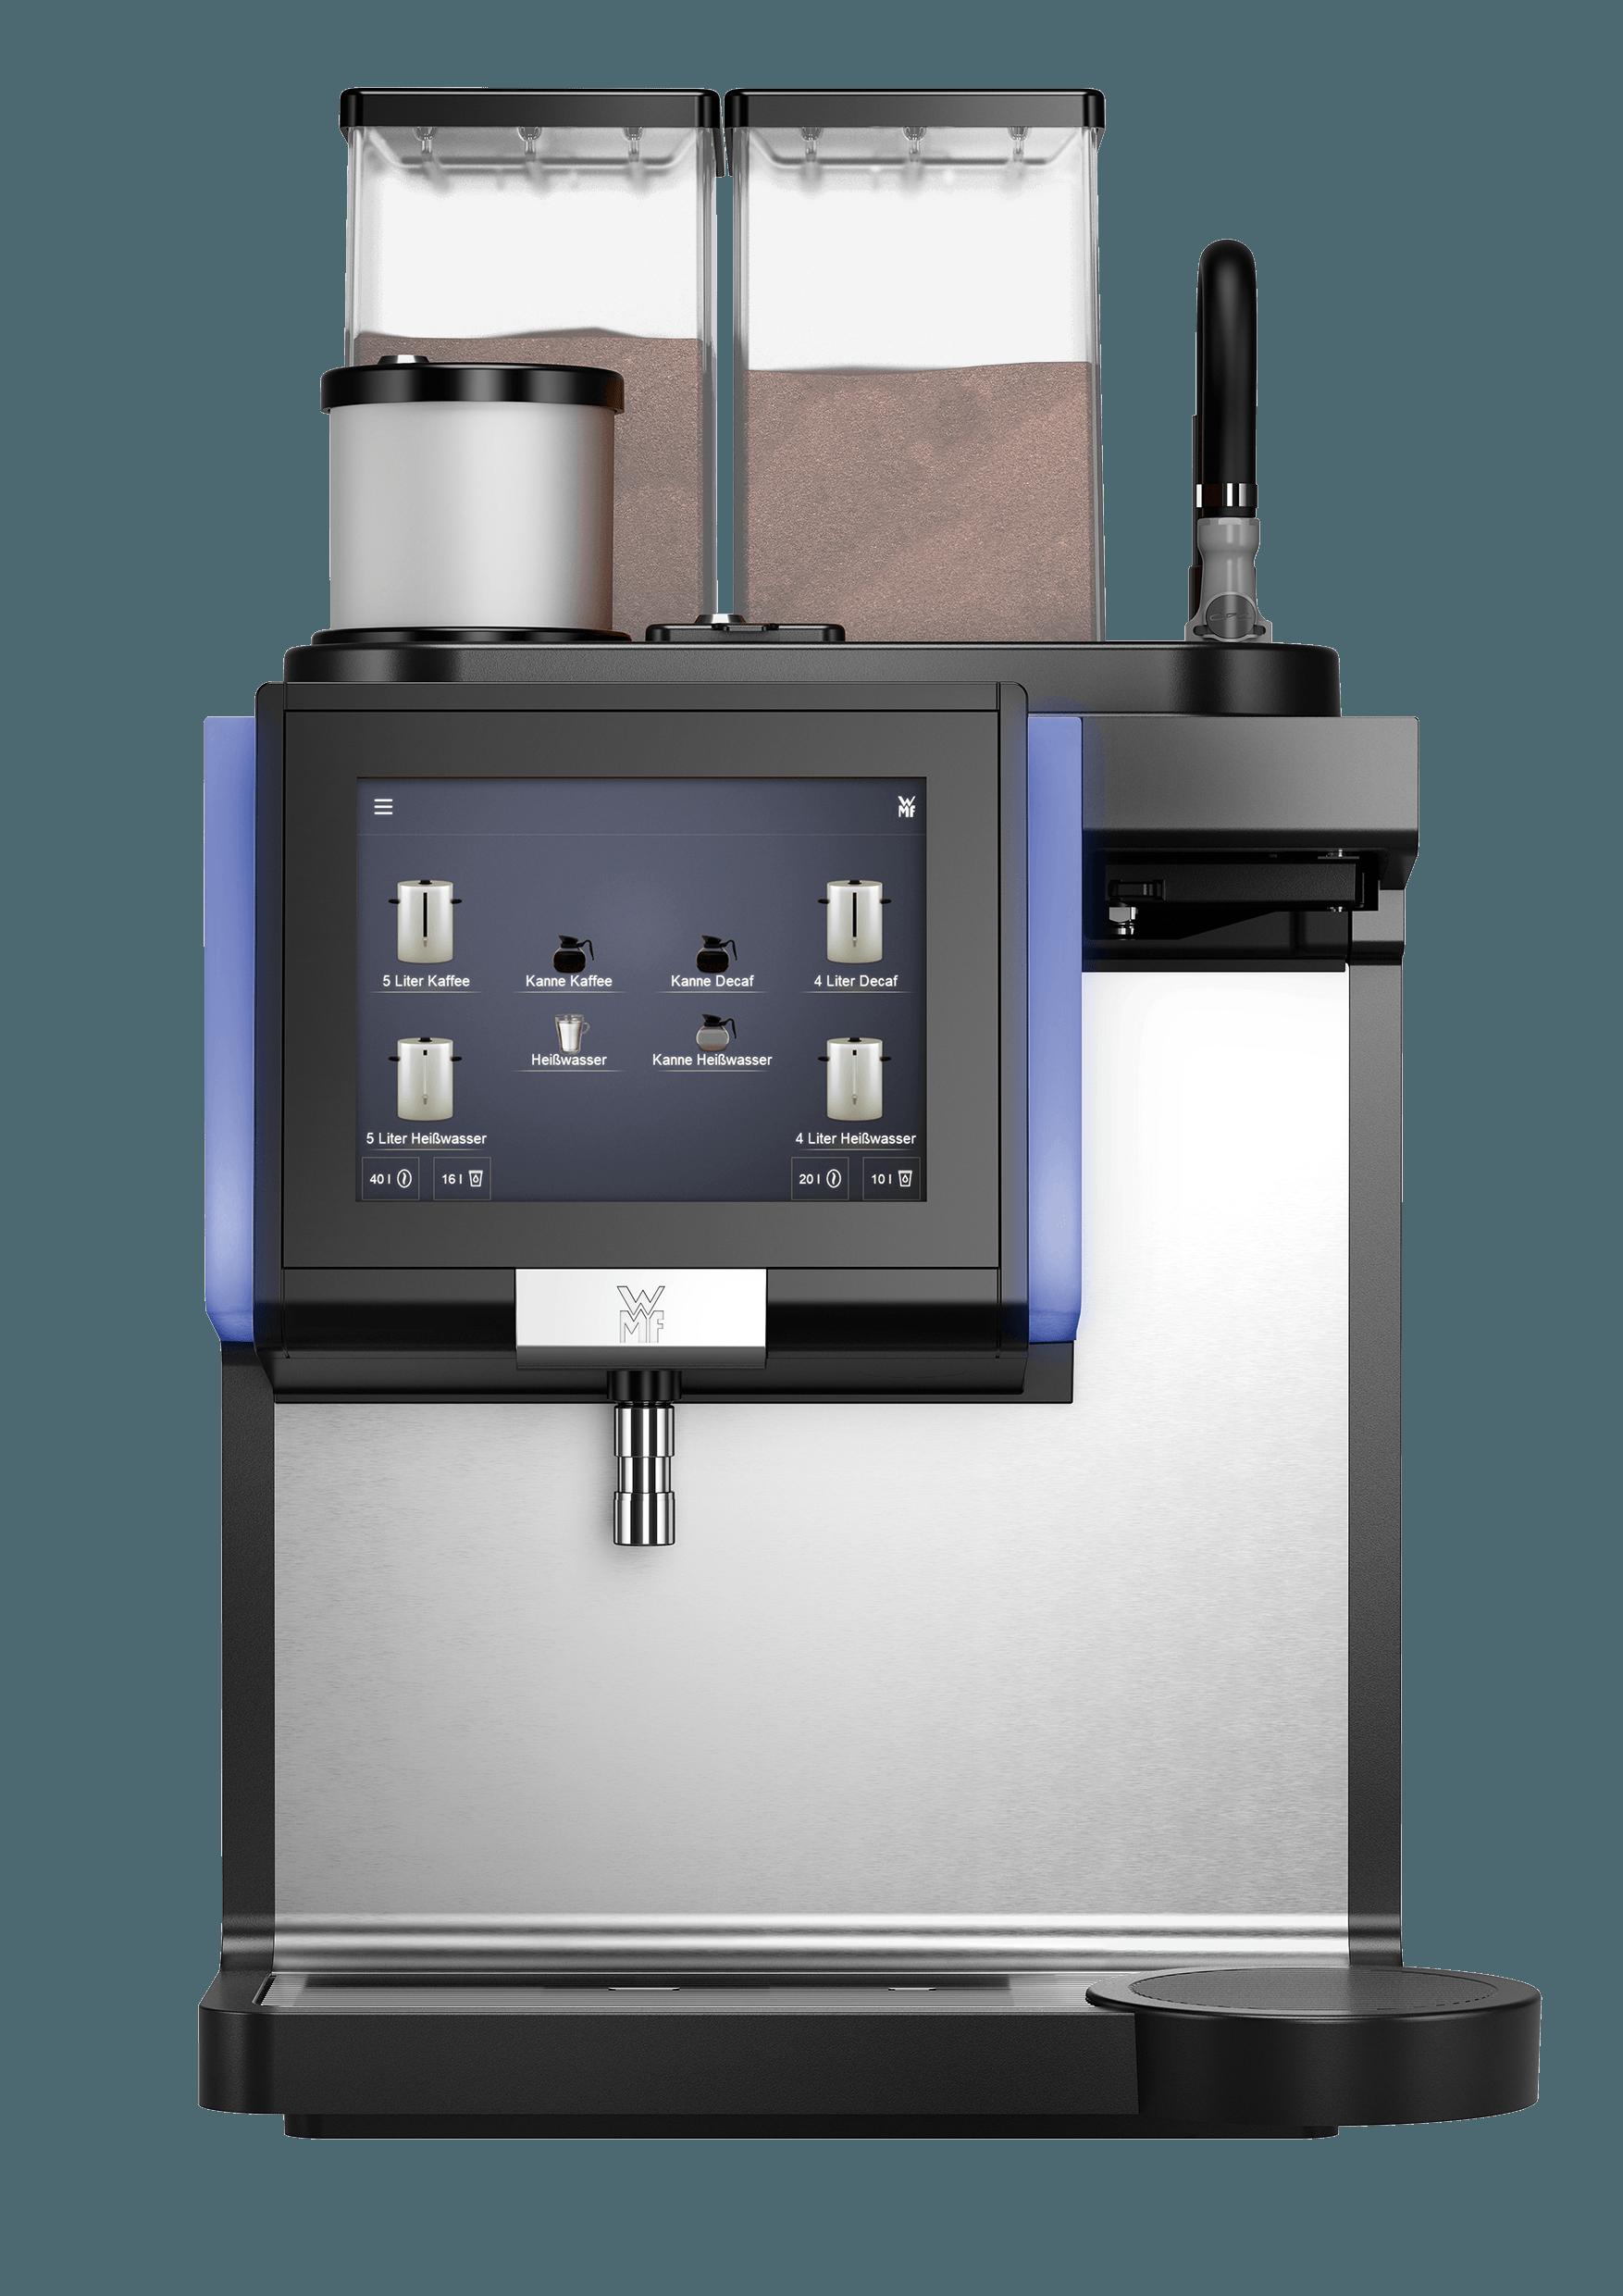 WMF 9000F | Koffiemachine | KoffiePartners